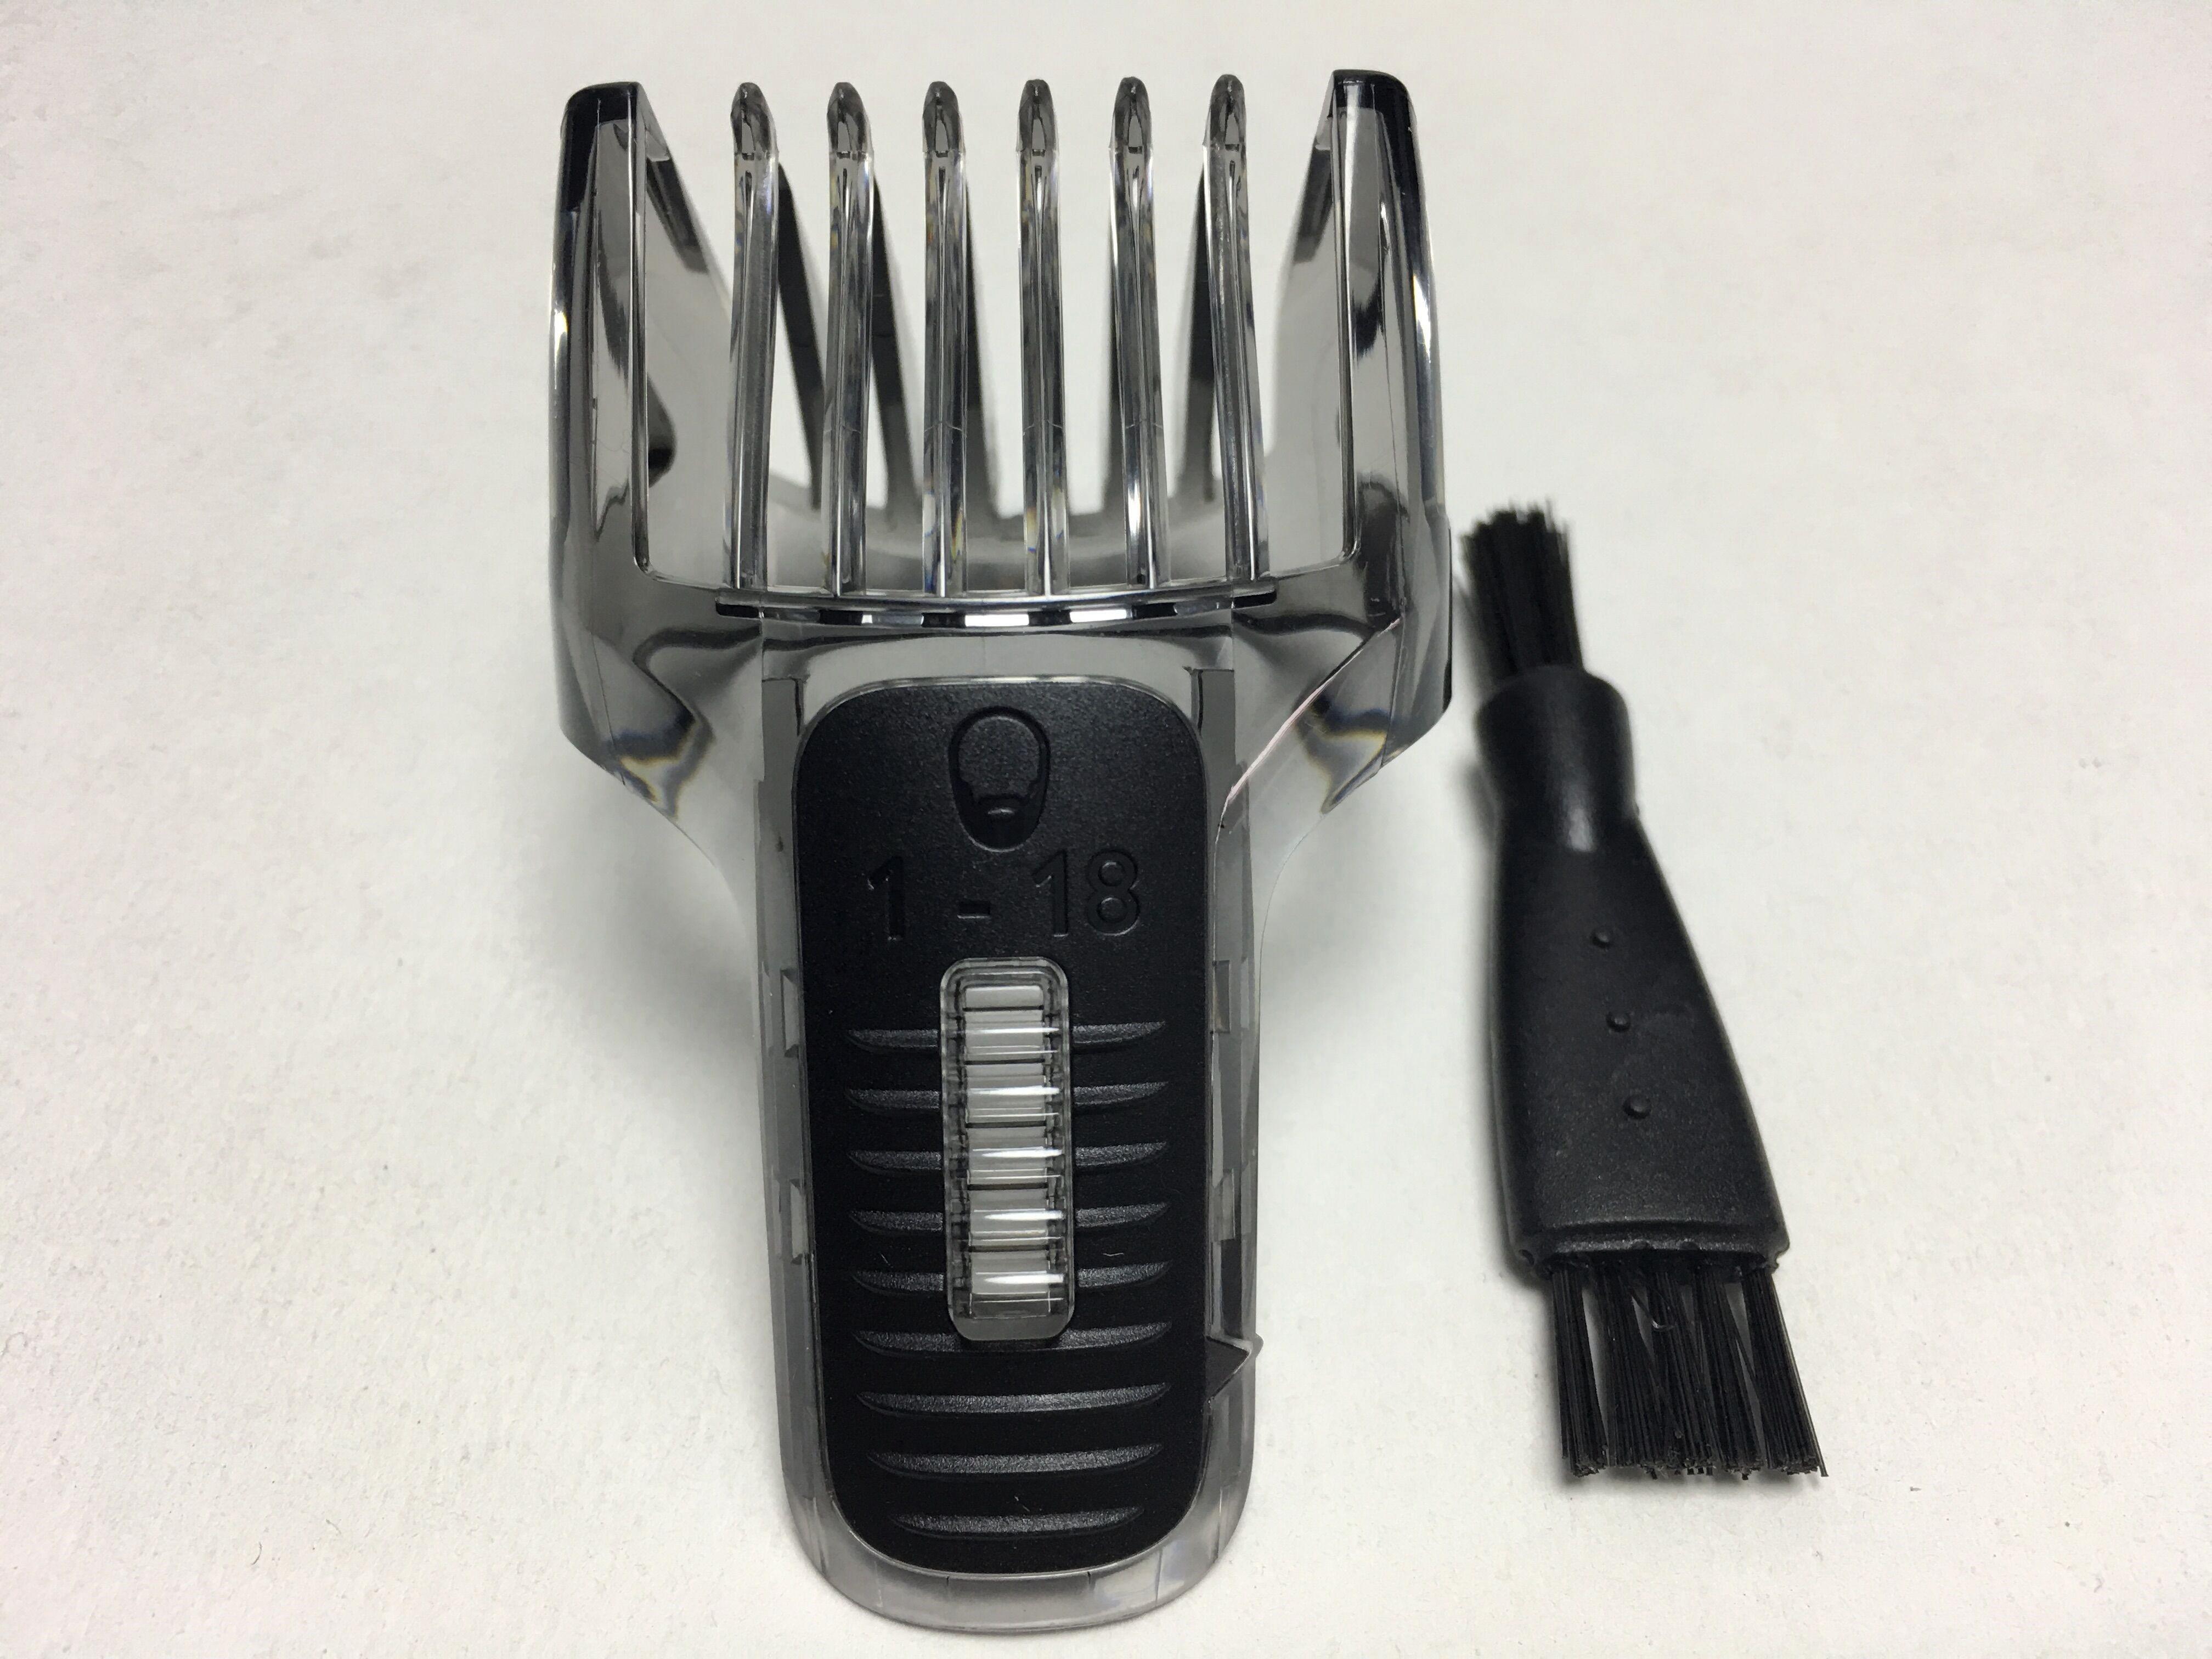 1-18 мм расческа для стрижки волос Philips QG3320 QG3340 QG3321 QG3321/16 QG3329 QG3329/15 QG3330 QG3330/60 триммер для бороды